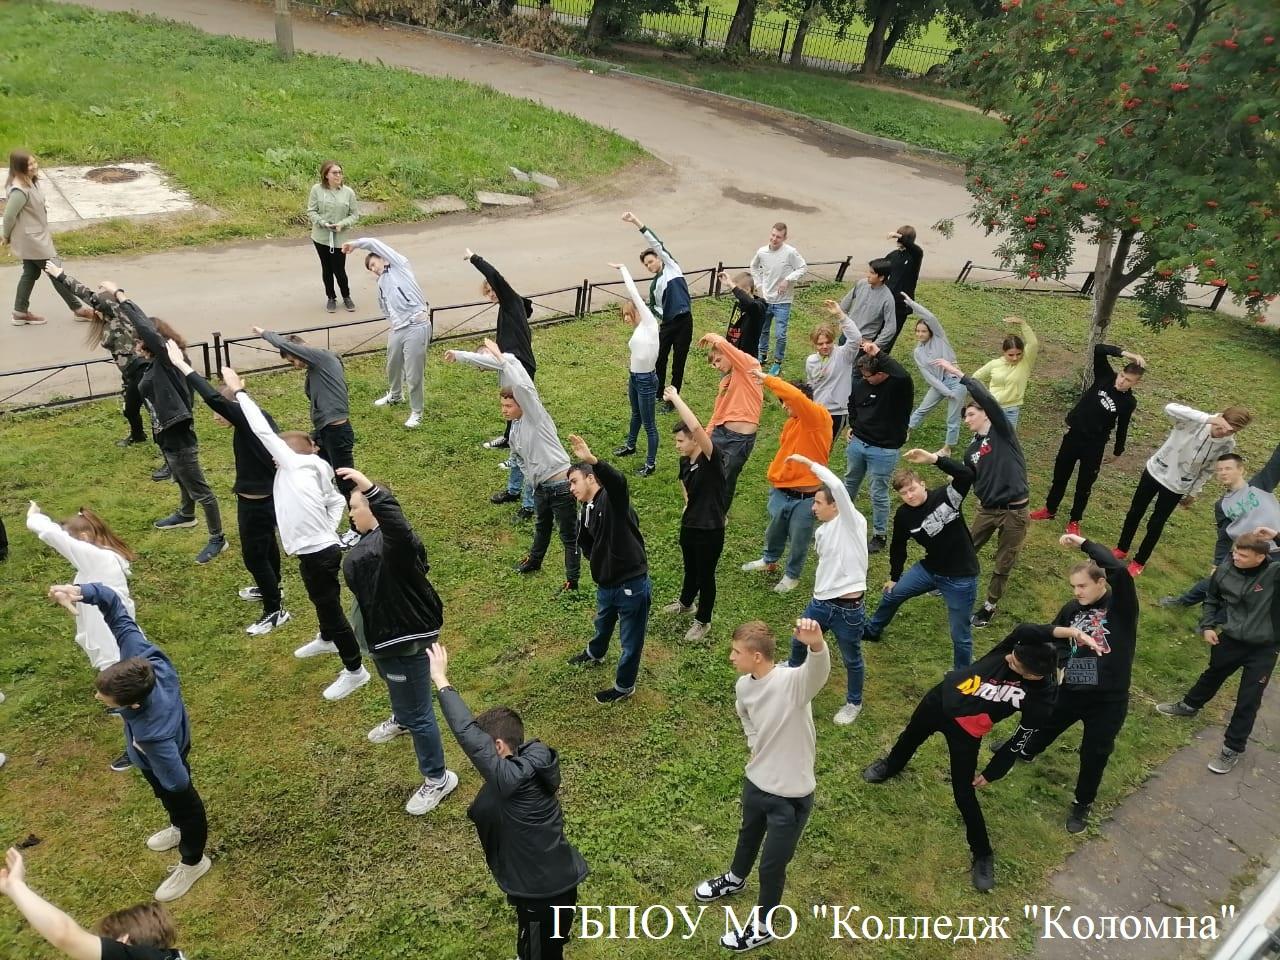 3 сентября в ГБПОУ МО «Колледж «Коломна» стартовала неделя здоровья.